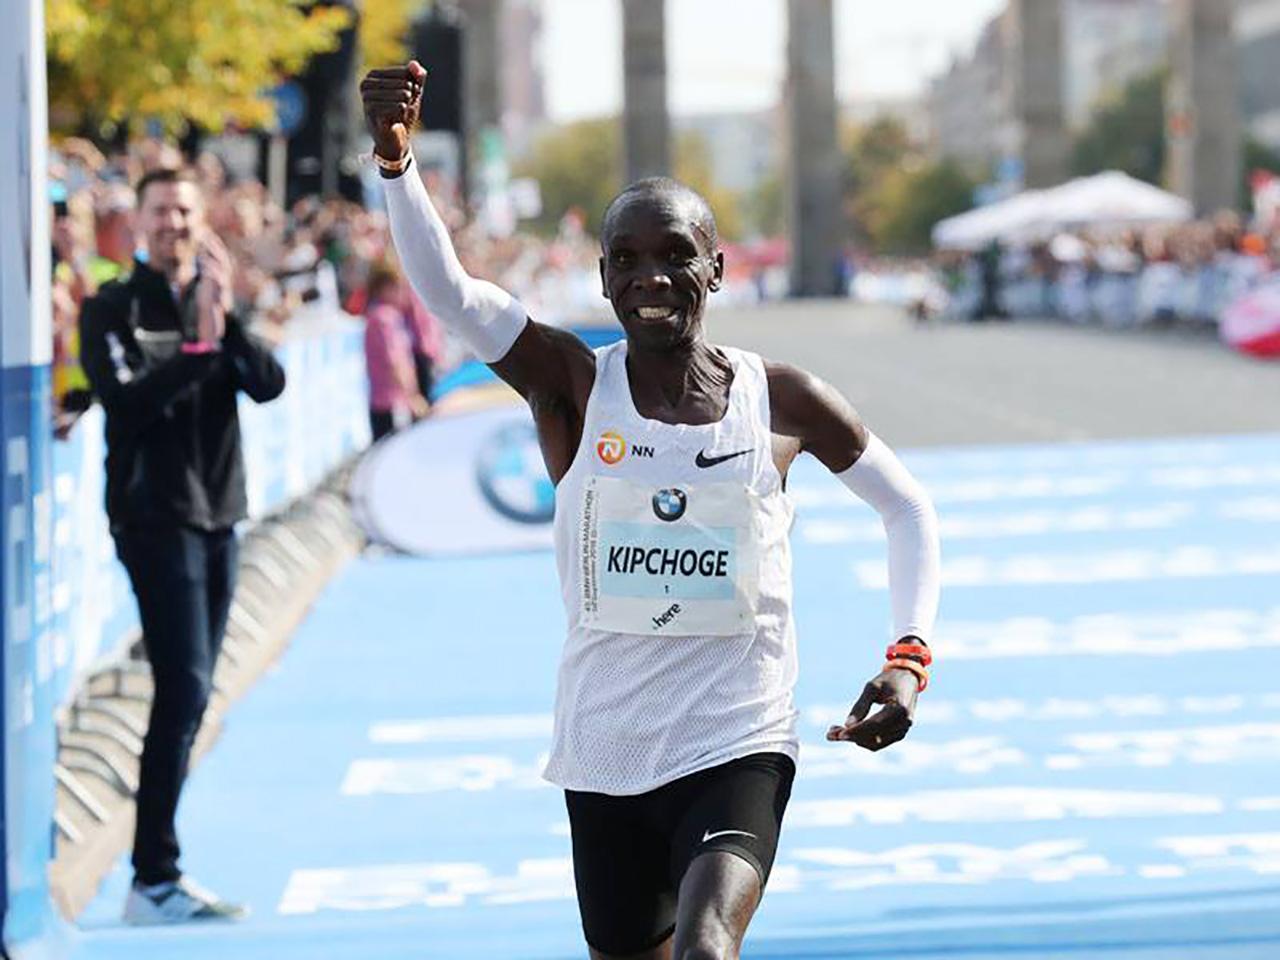 Eliud Kipchoge rompe el récord del mundo en el maratón de Berlín